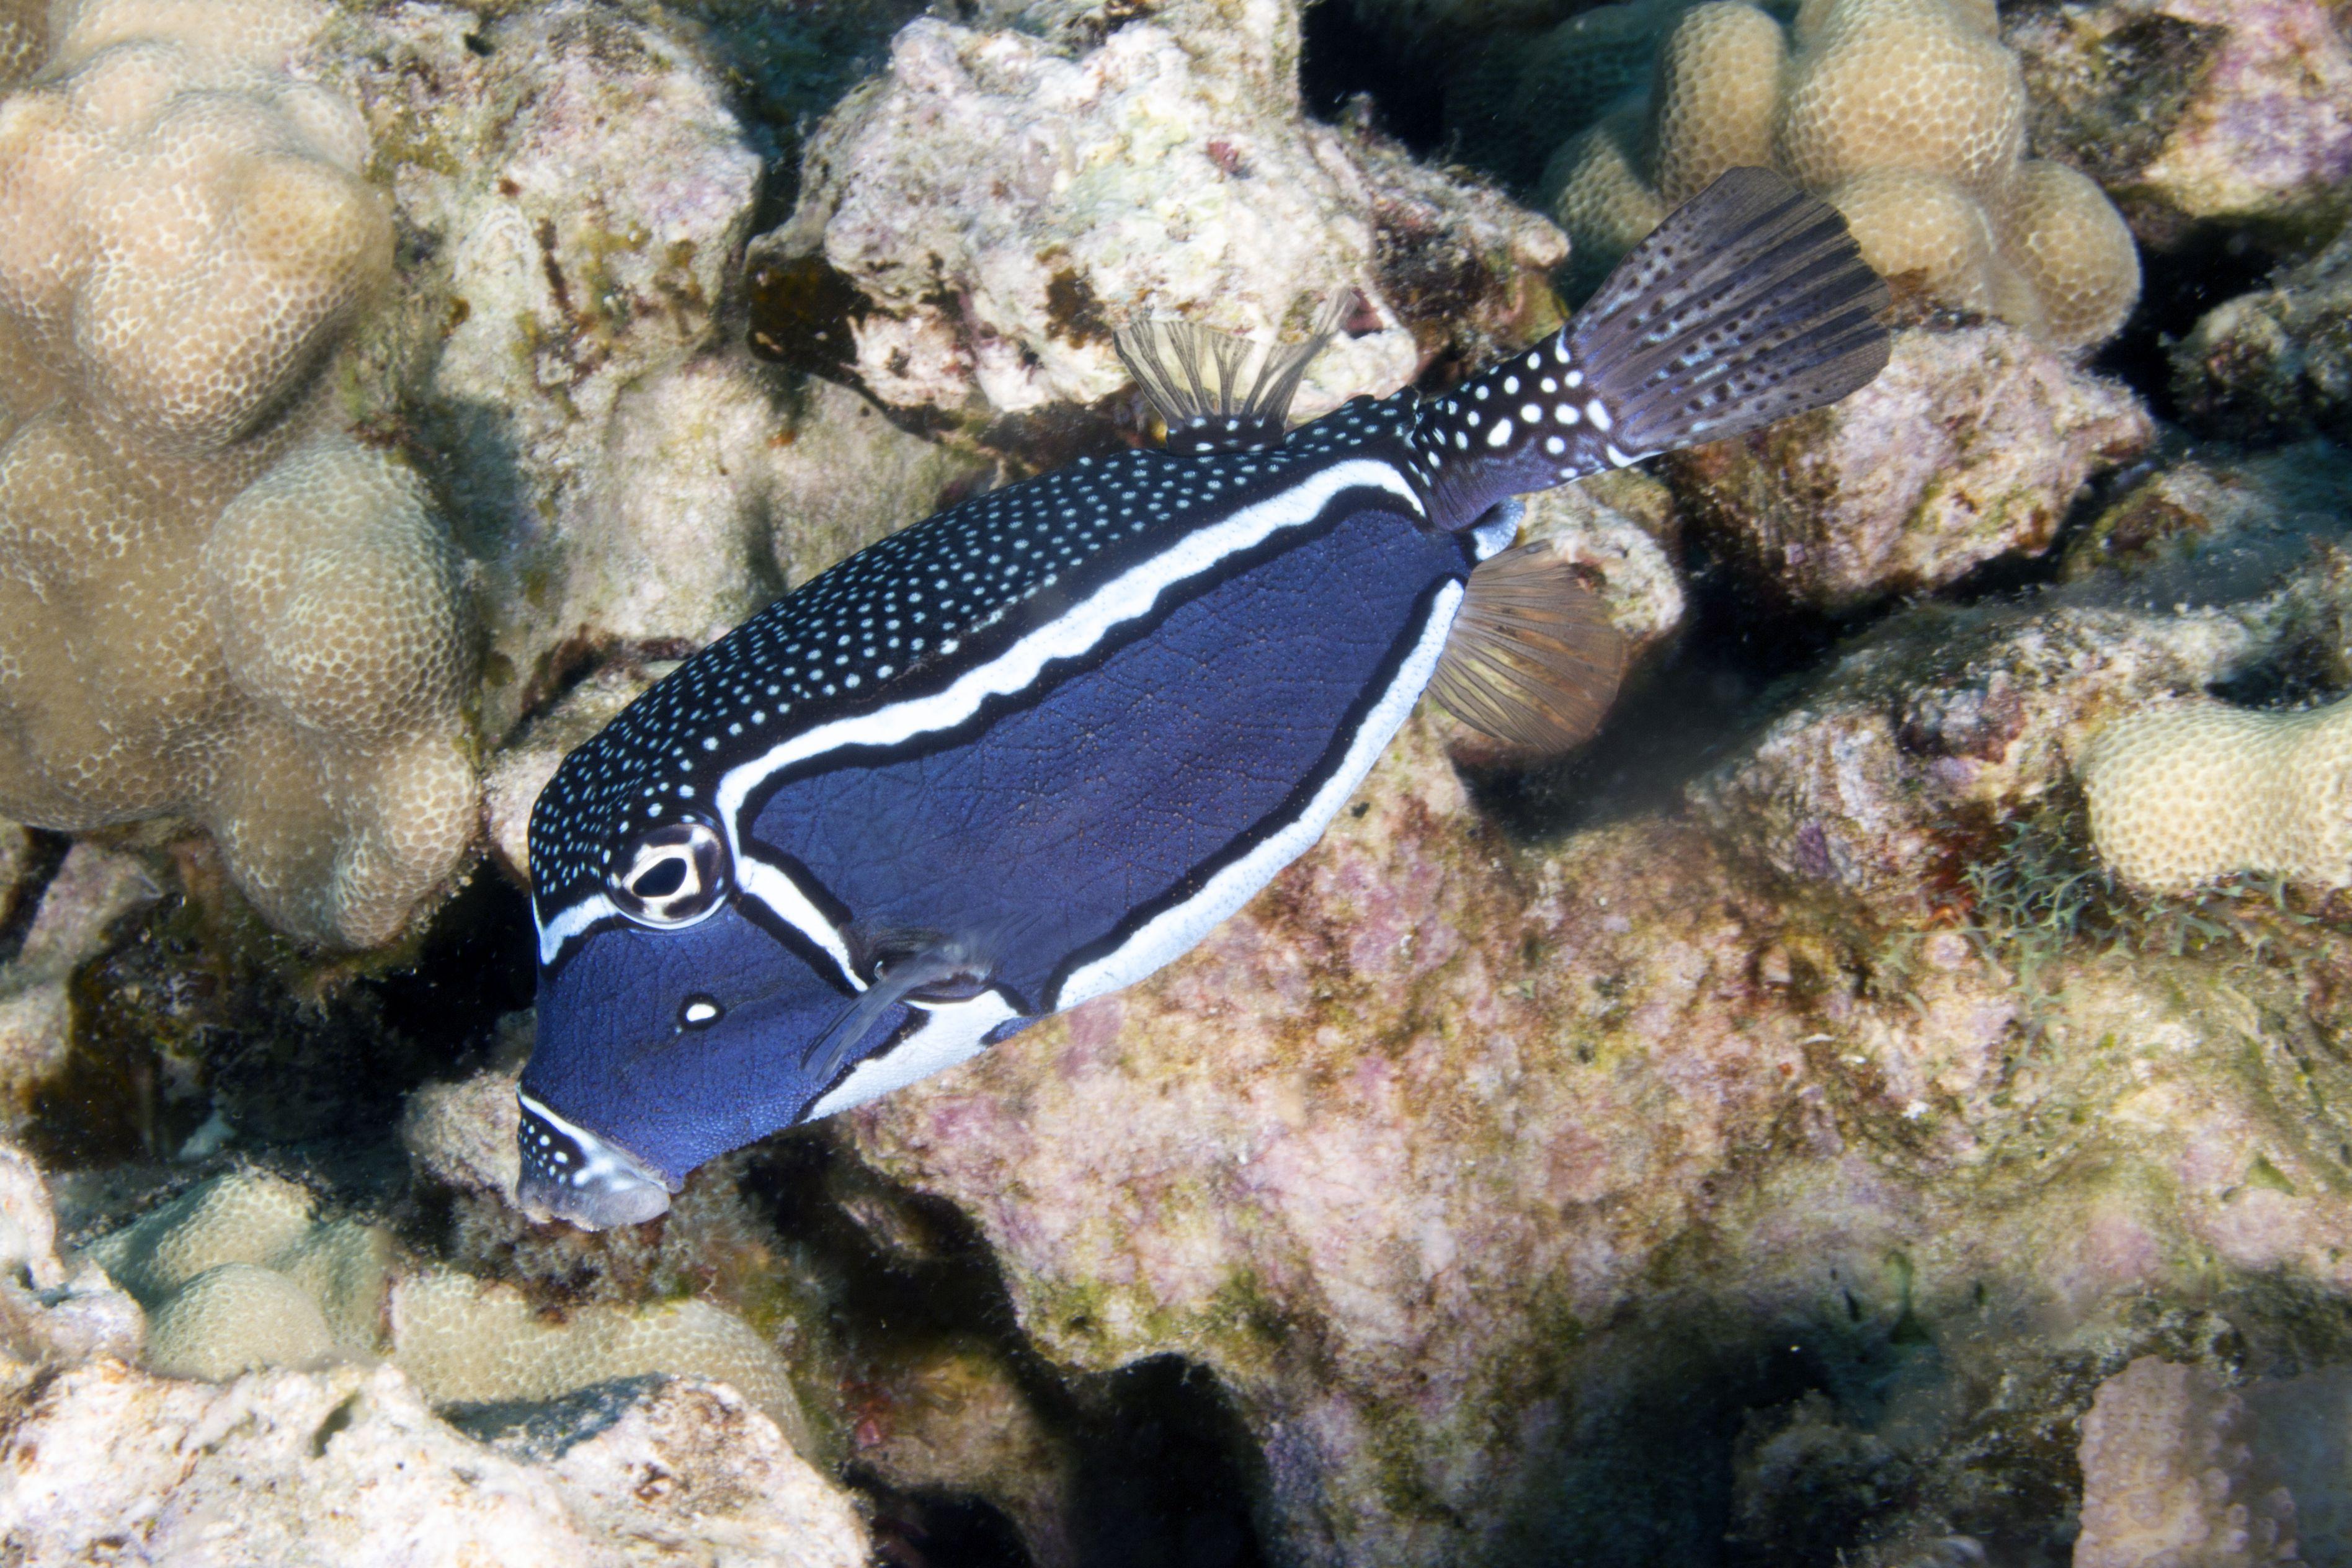 Male Whitley's Boxfish (Ostracion Whitleyi)